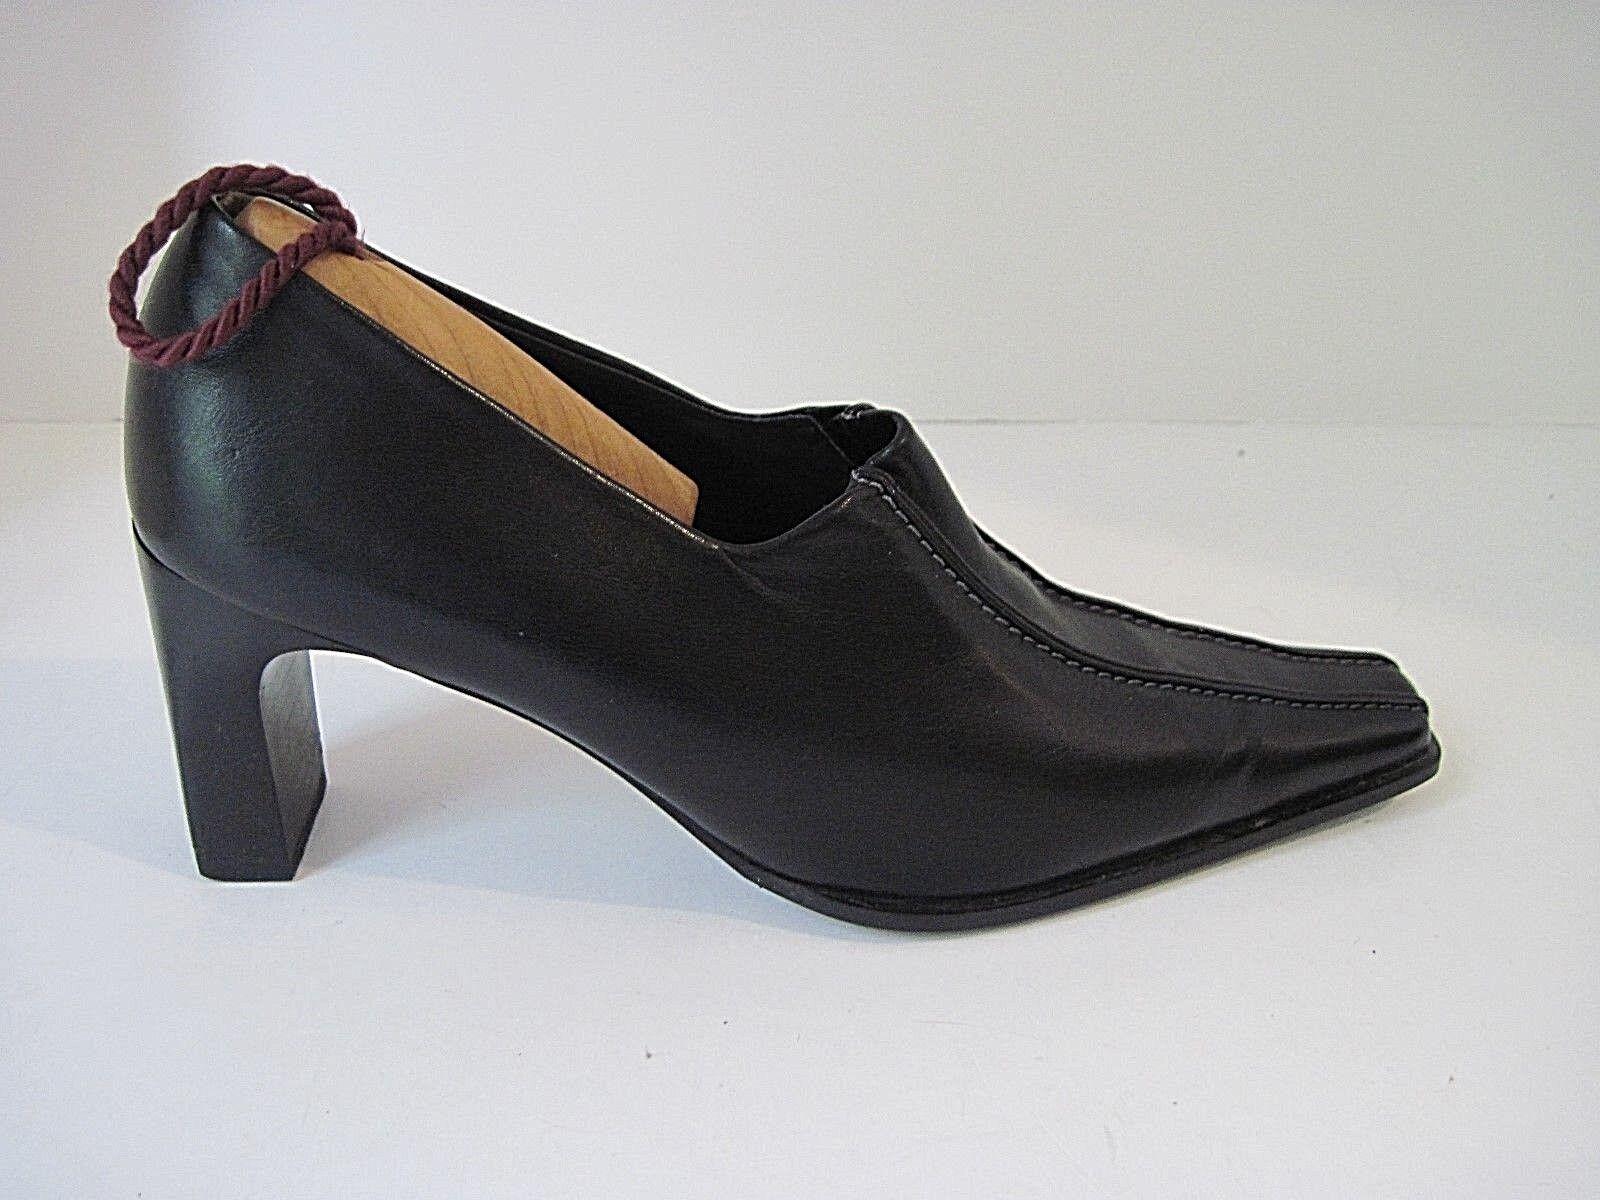 classico senza tempo PAUL verde Handmade Donna Donna Donna  nero Leather Square Toe Heels Pumps  US 8.5  Garanzia del prezzo al 100%